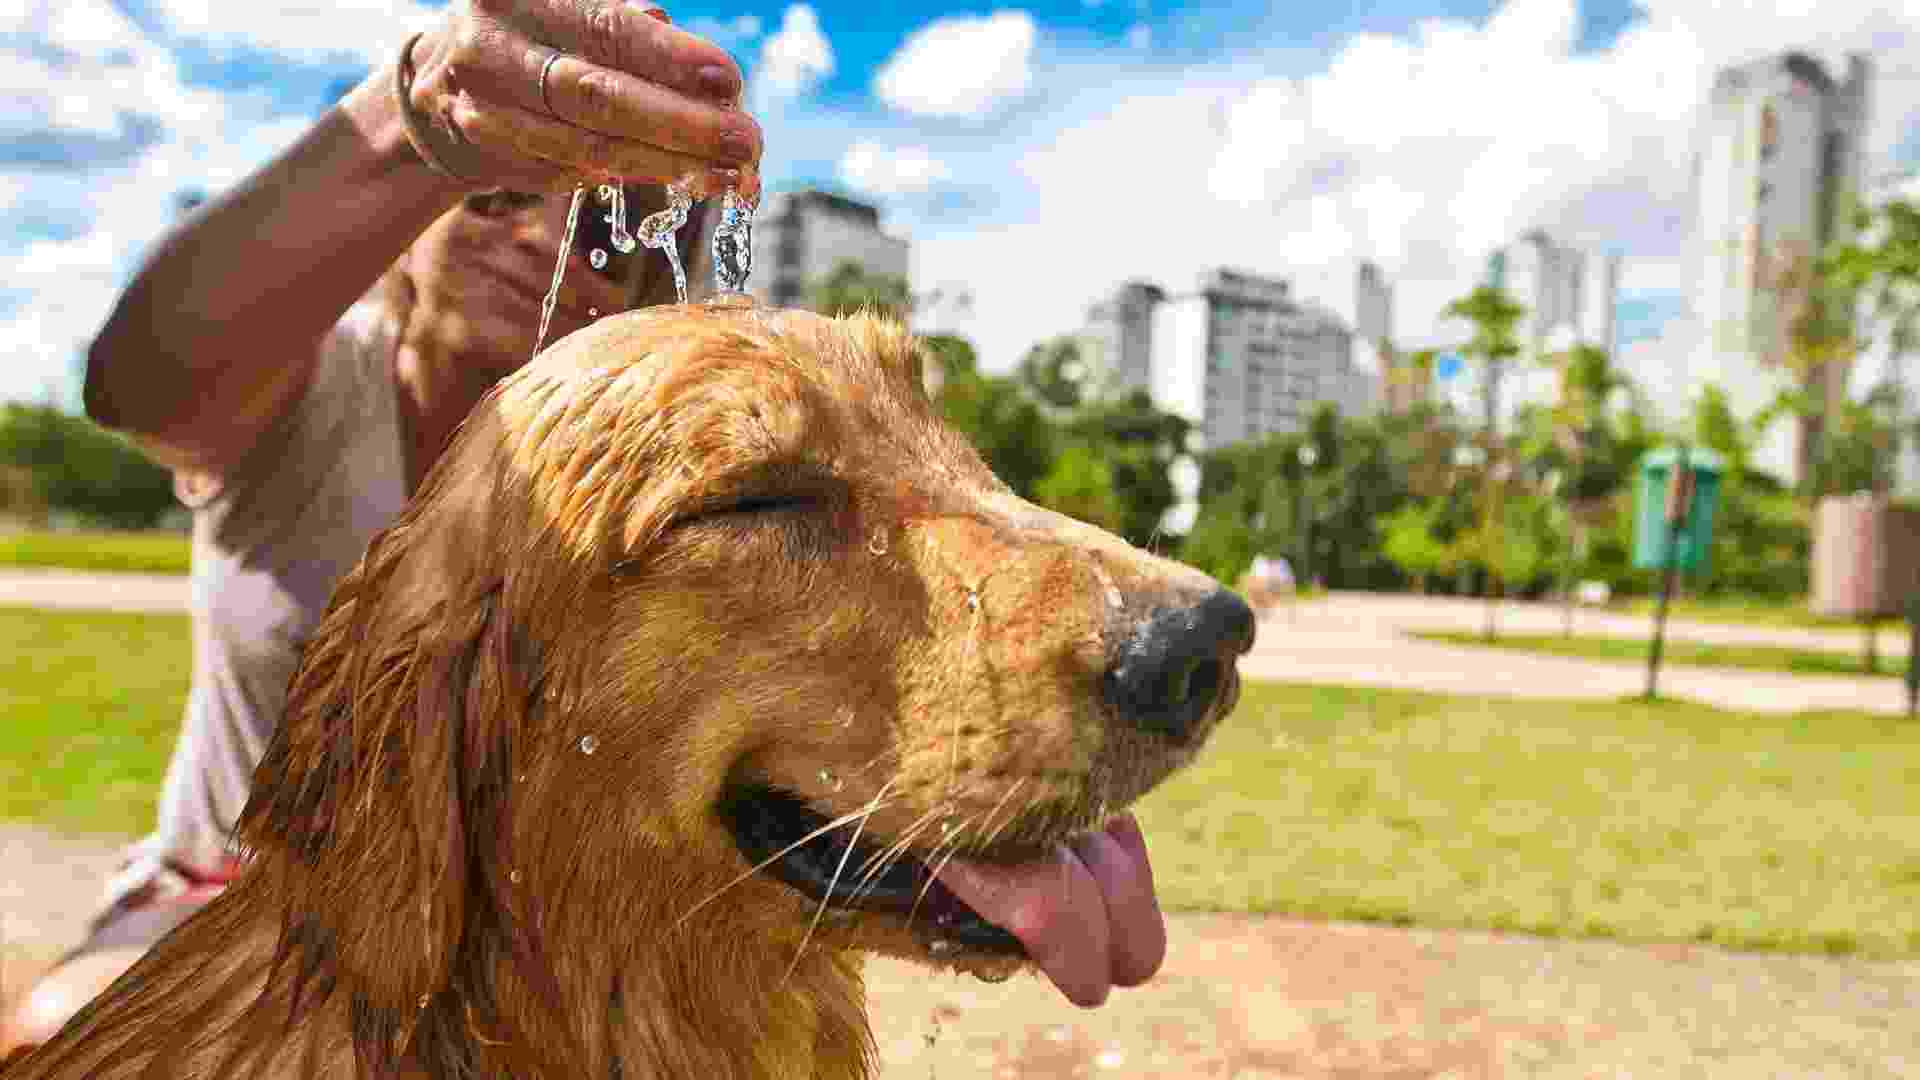 Simone Someg refresca seu golden Nick no Parque do Povo, no Itaim Bibi, em São Paulo - Danilo Verpa/Folhapress